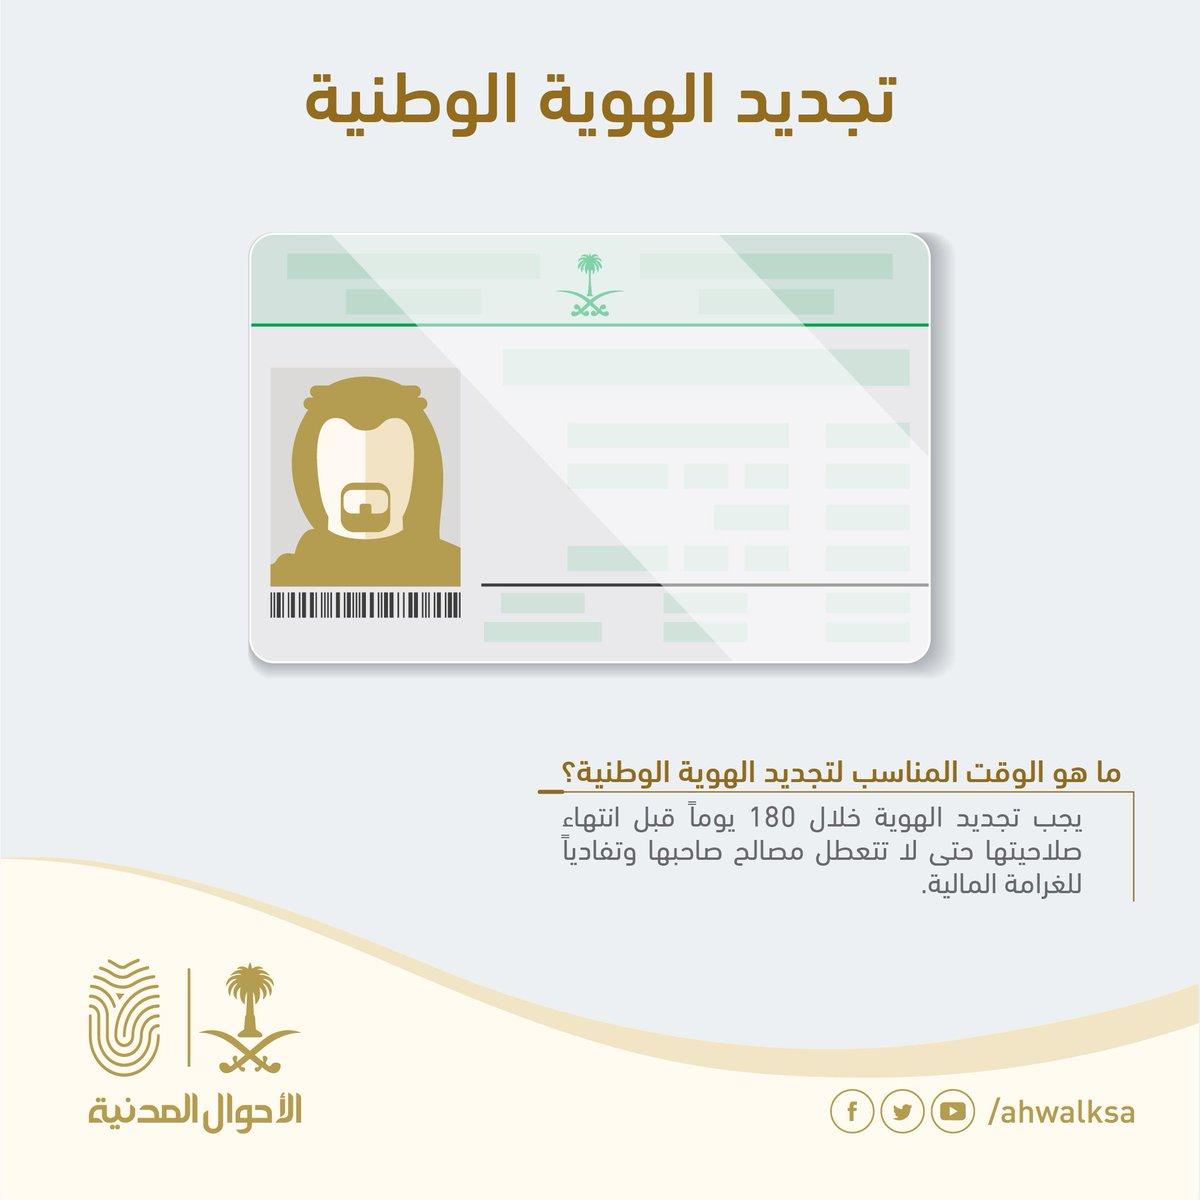 استلام بطاقة الأحوال من مكتب الأحوال المدنية